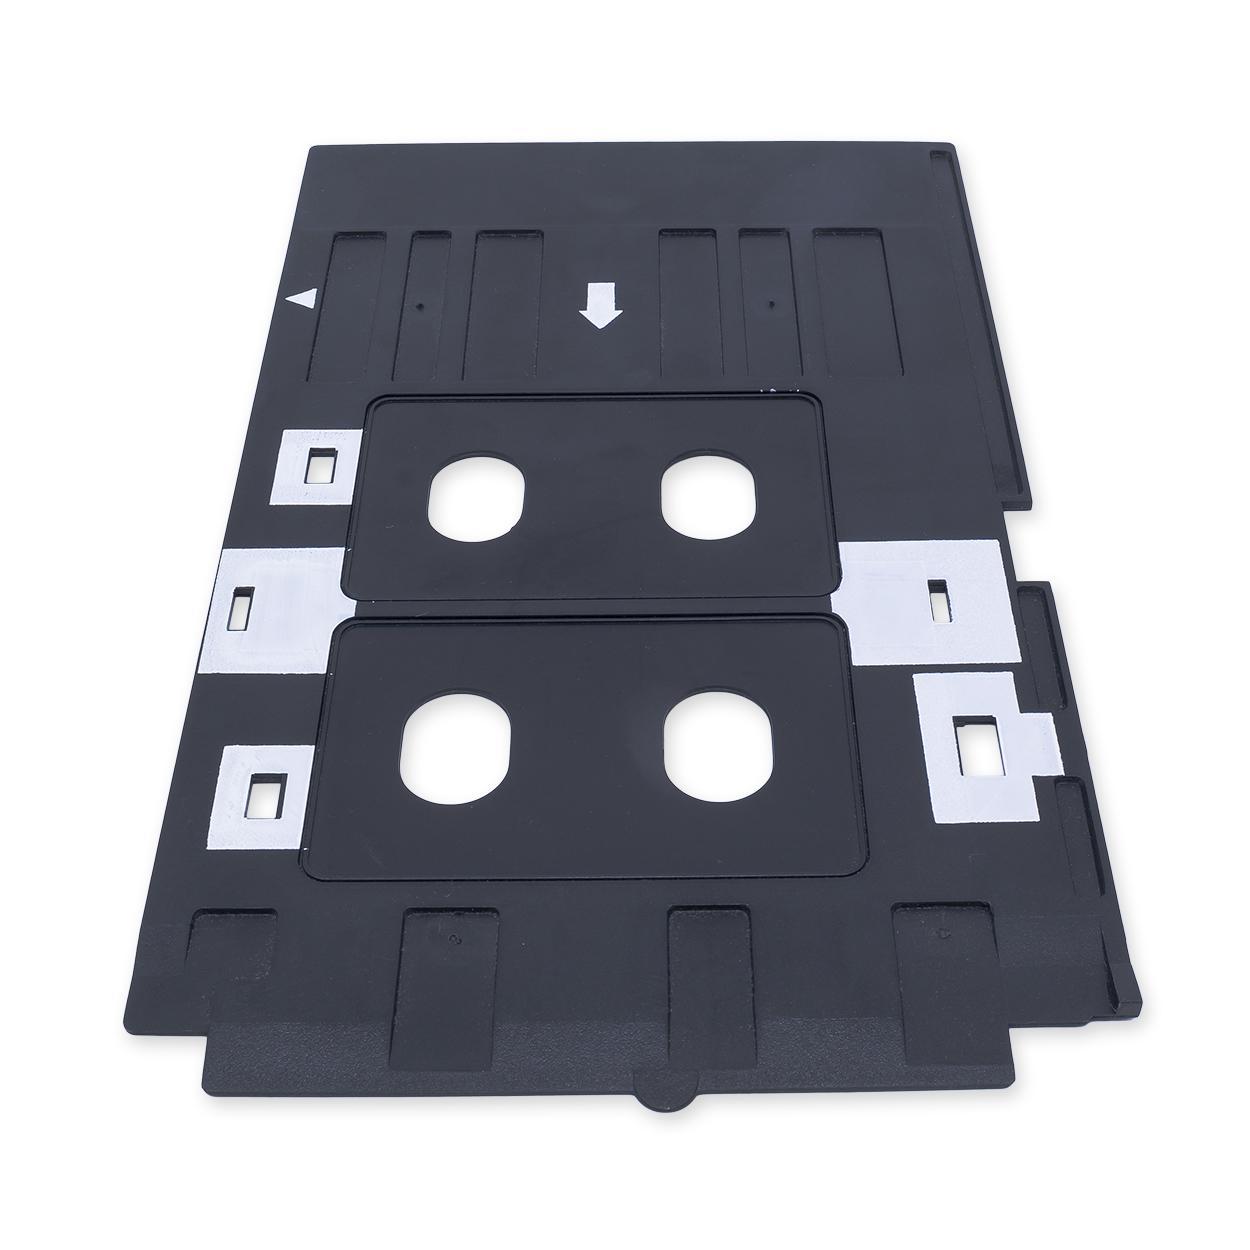 Bandeja para Impressão de Cartão PVC em Impressoras Epson T50, L800, L805, R260, R270, R280, R290, T60 e Artisan 50